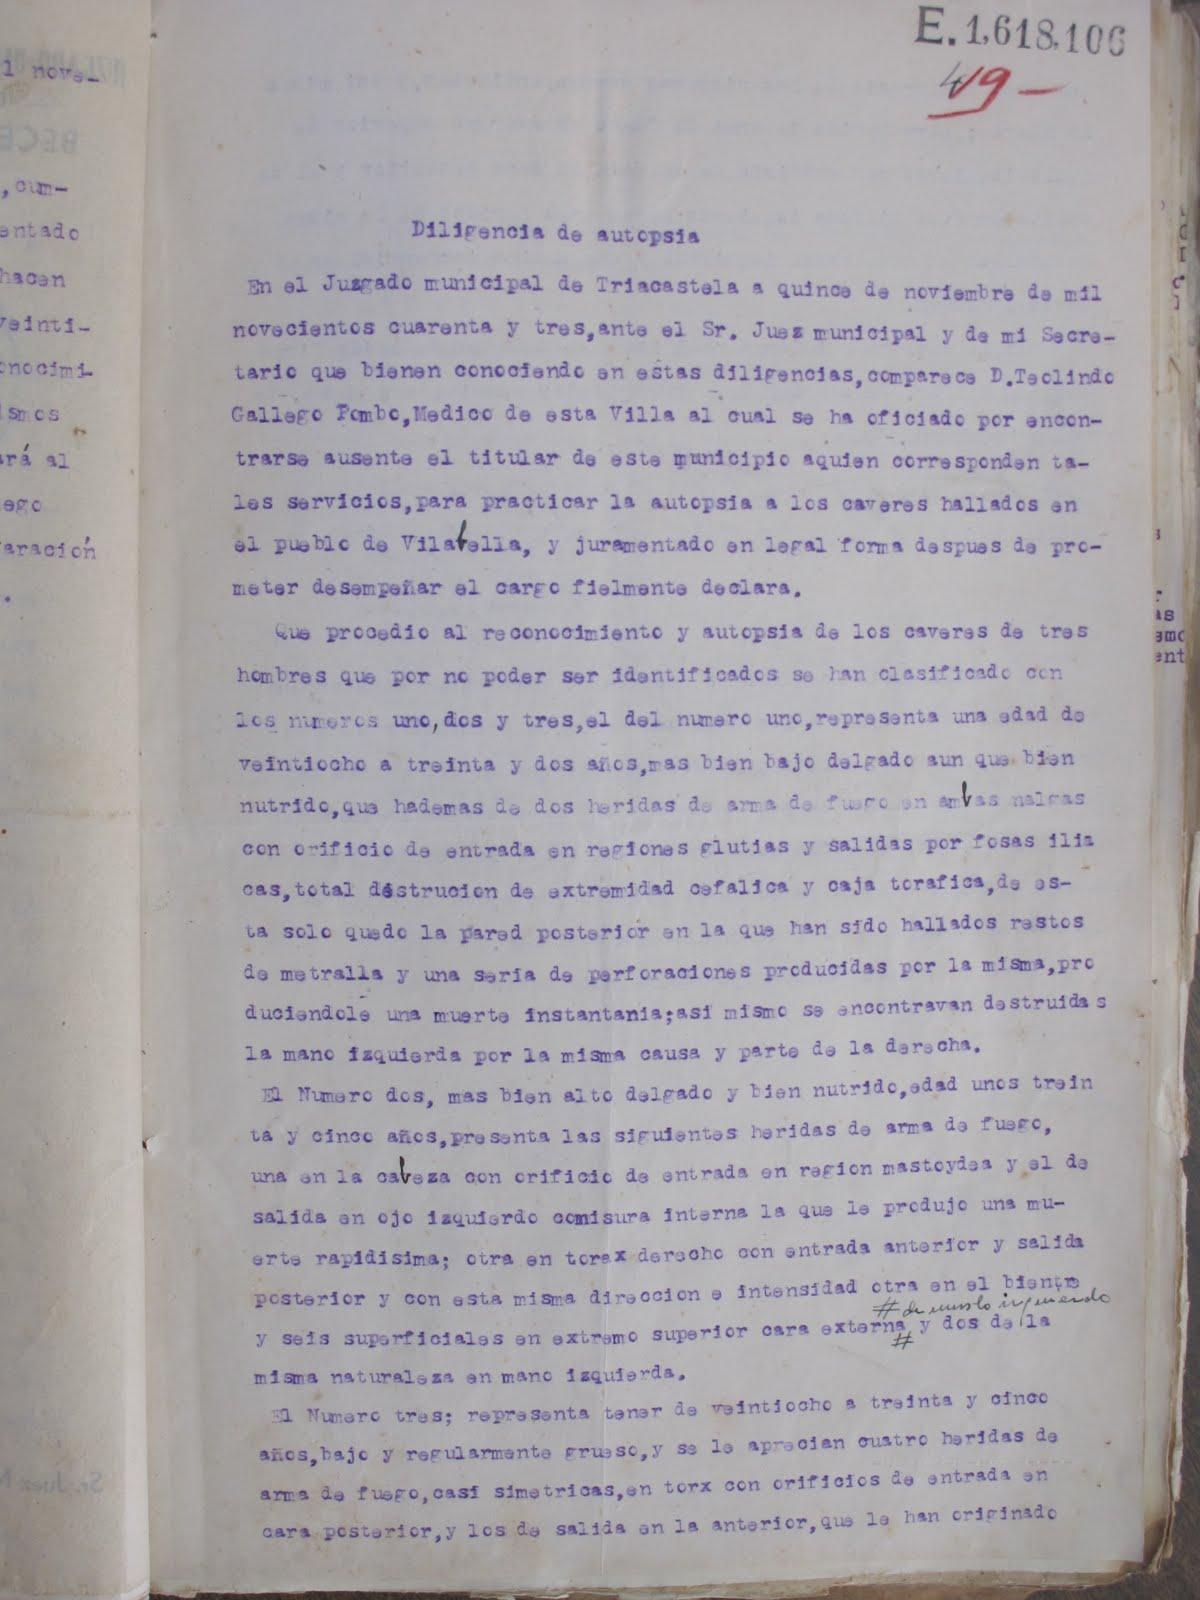 Informe de la autopsia realizada a Antonio Vega, Félix Yáñez y Pedro Voces.